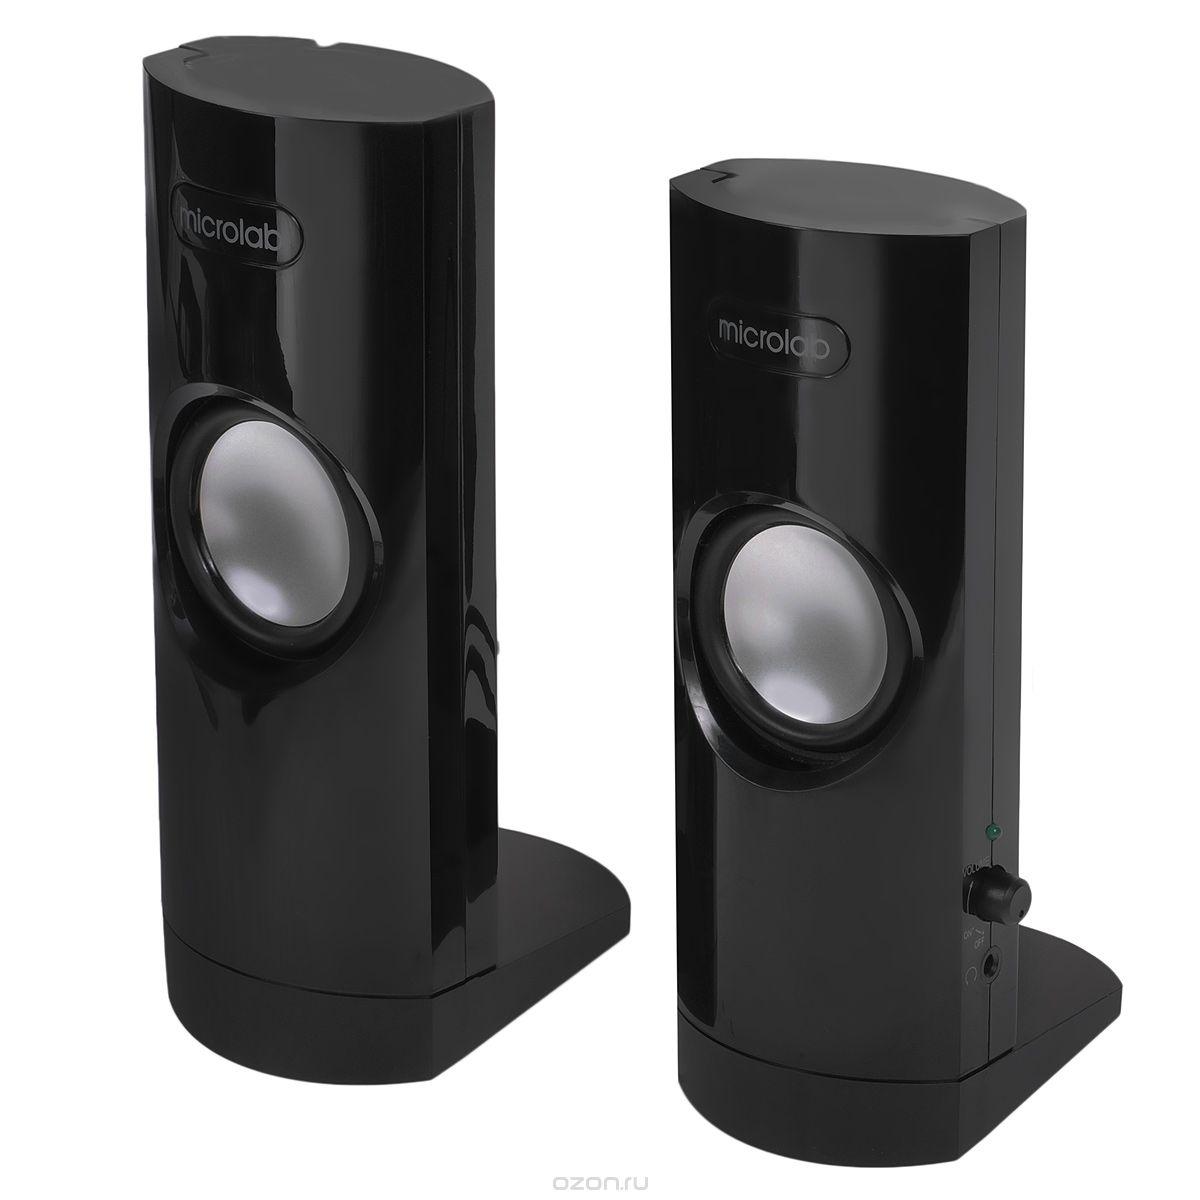 Microlab B18, Black акустическая системаB-18Компактная портативная и удобная акустическая система Широкополосный динамик создает превосходное и ровное звучание в средне- и высокочастотном диапазоне. Для Вашего удобства система может брать питание от USB.